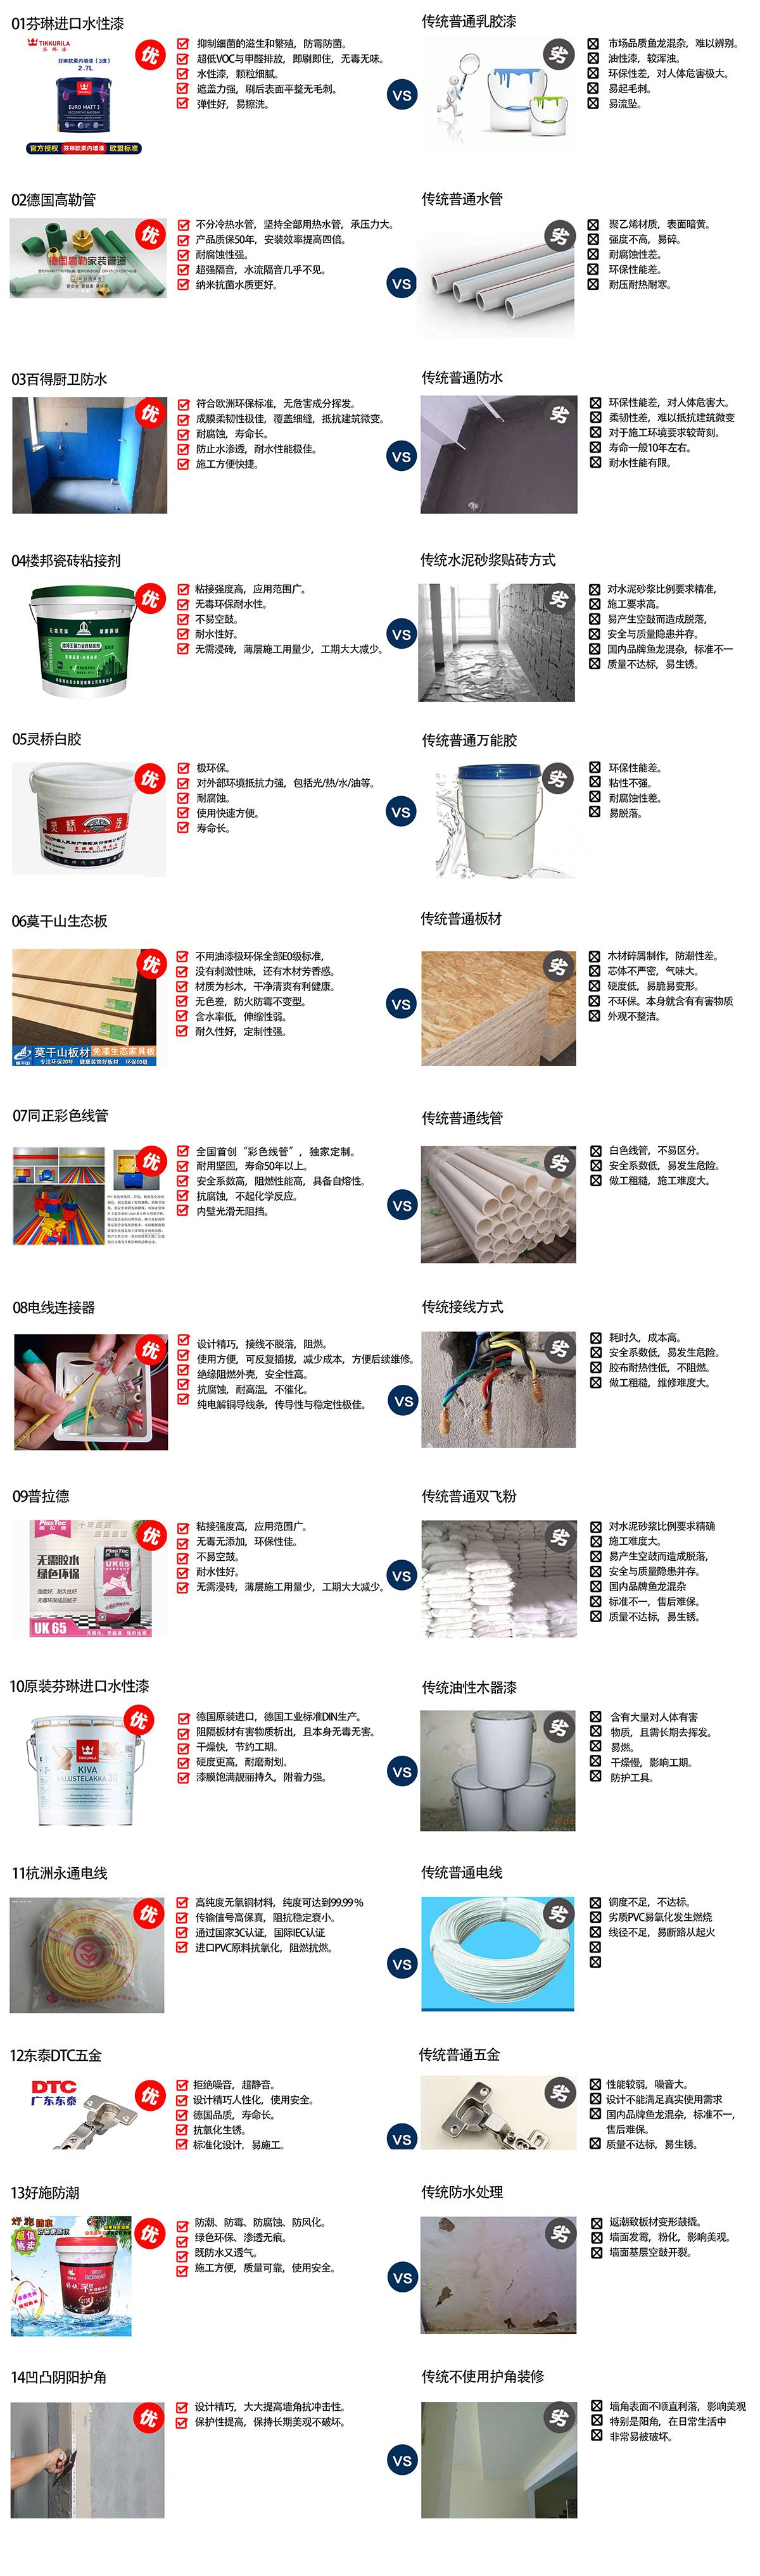 长沙办公室装修设计浩安公装品质工艺环保材料选择介绍图